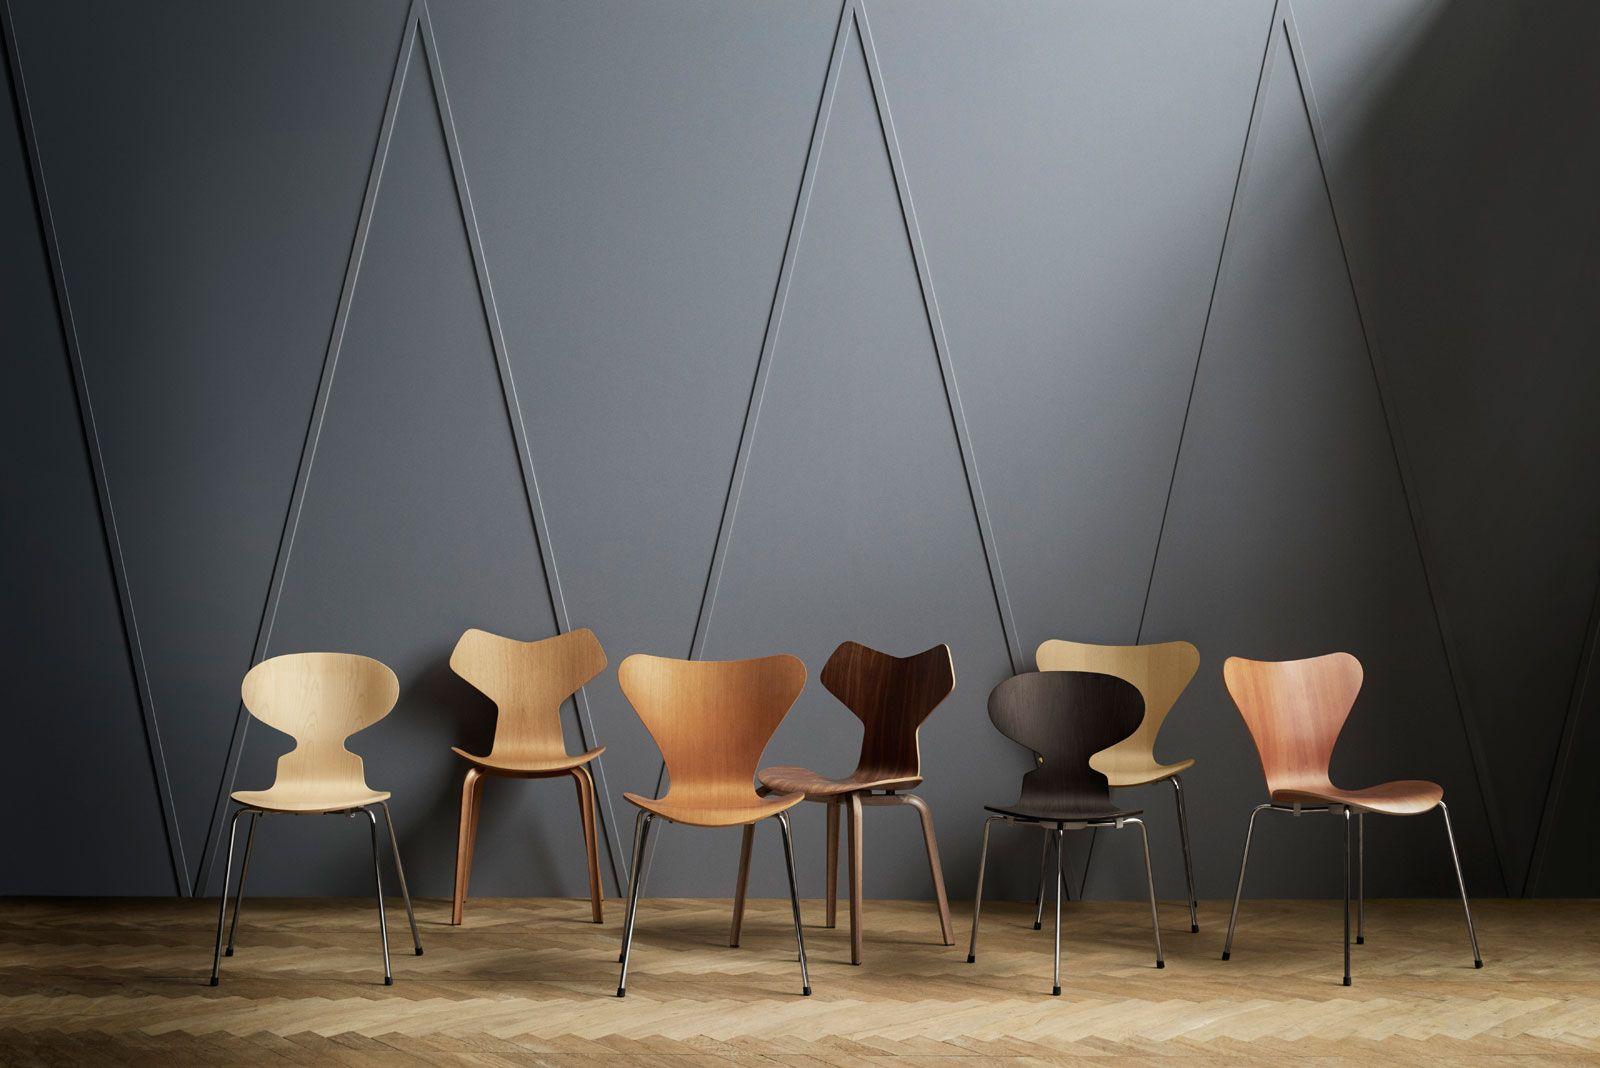 Sedie A Forma Di Sedere Costo le sedie di design più famose: 10 icone che devi conoscere